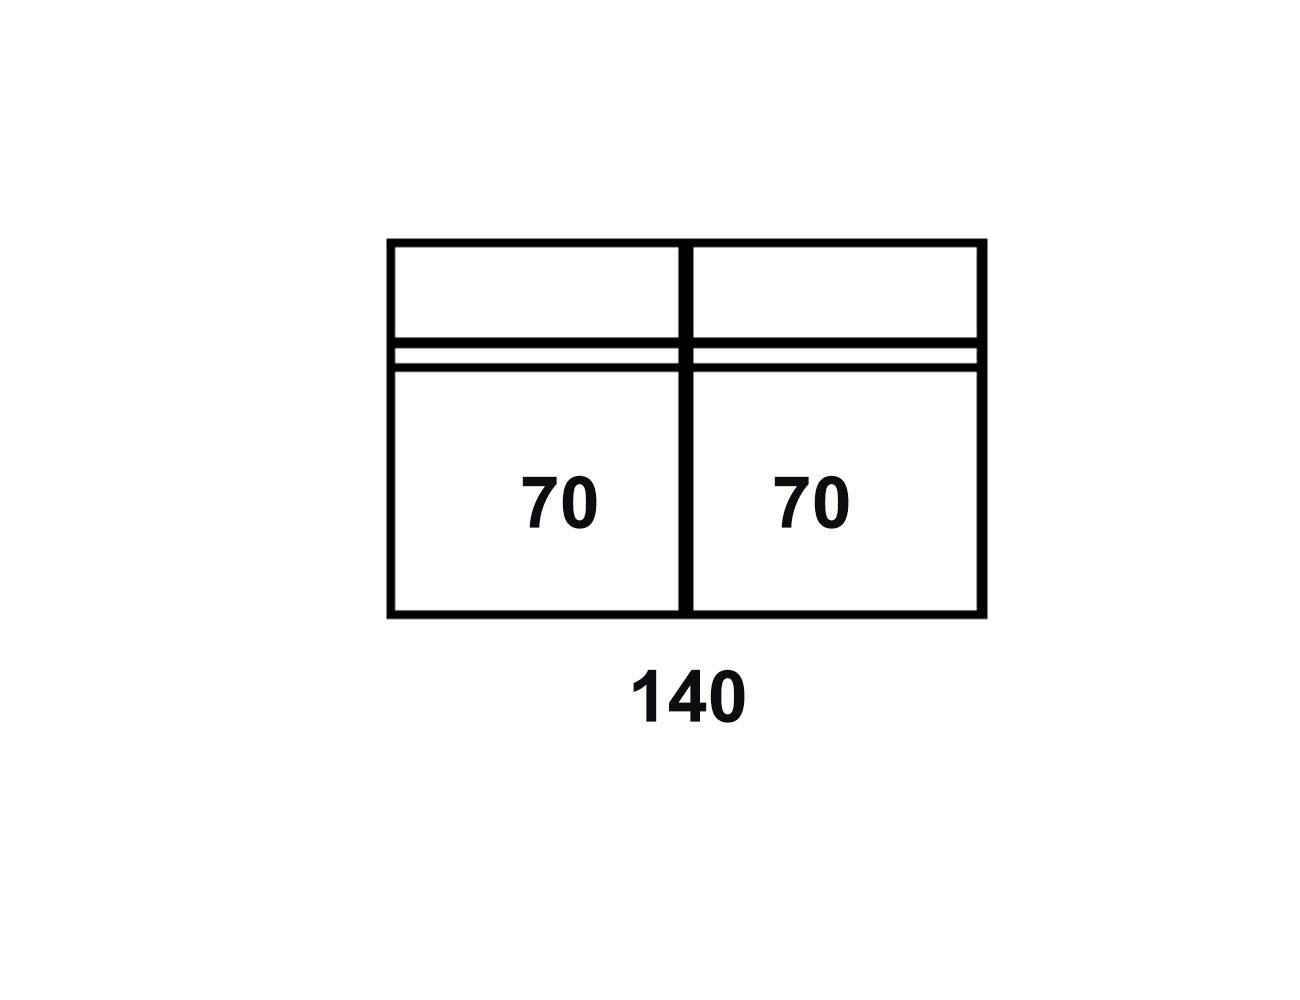 Modulo 2p 1404